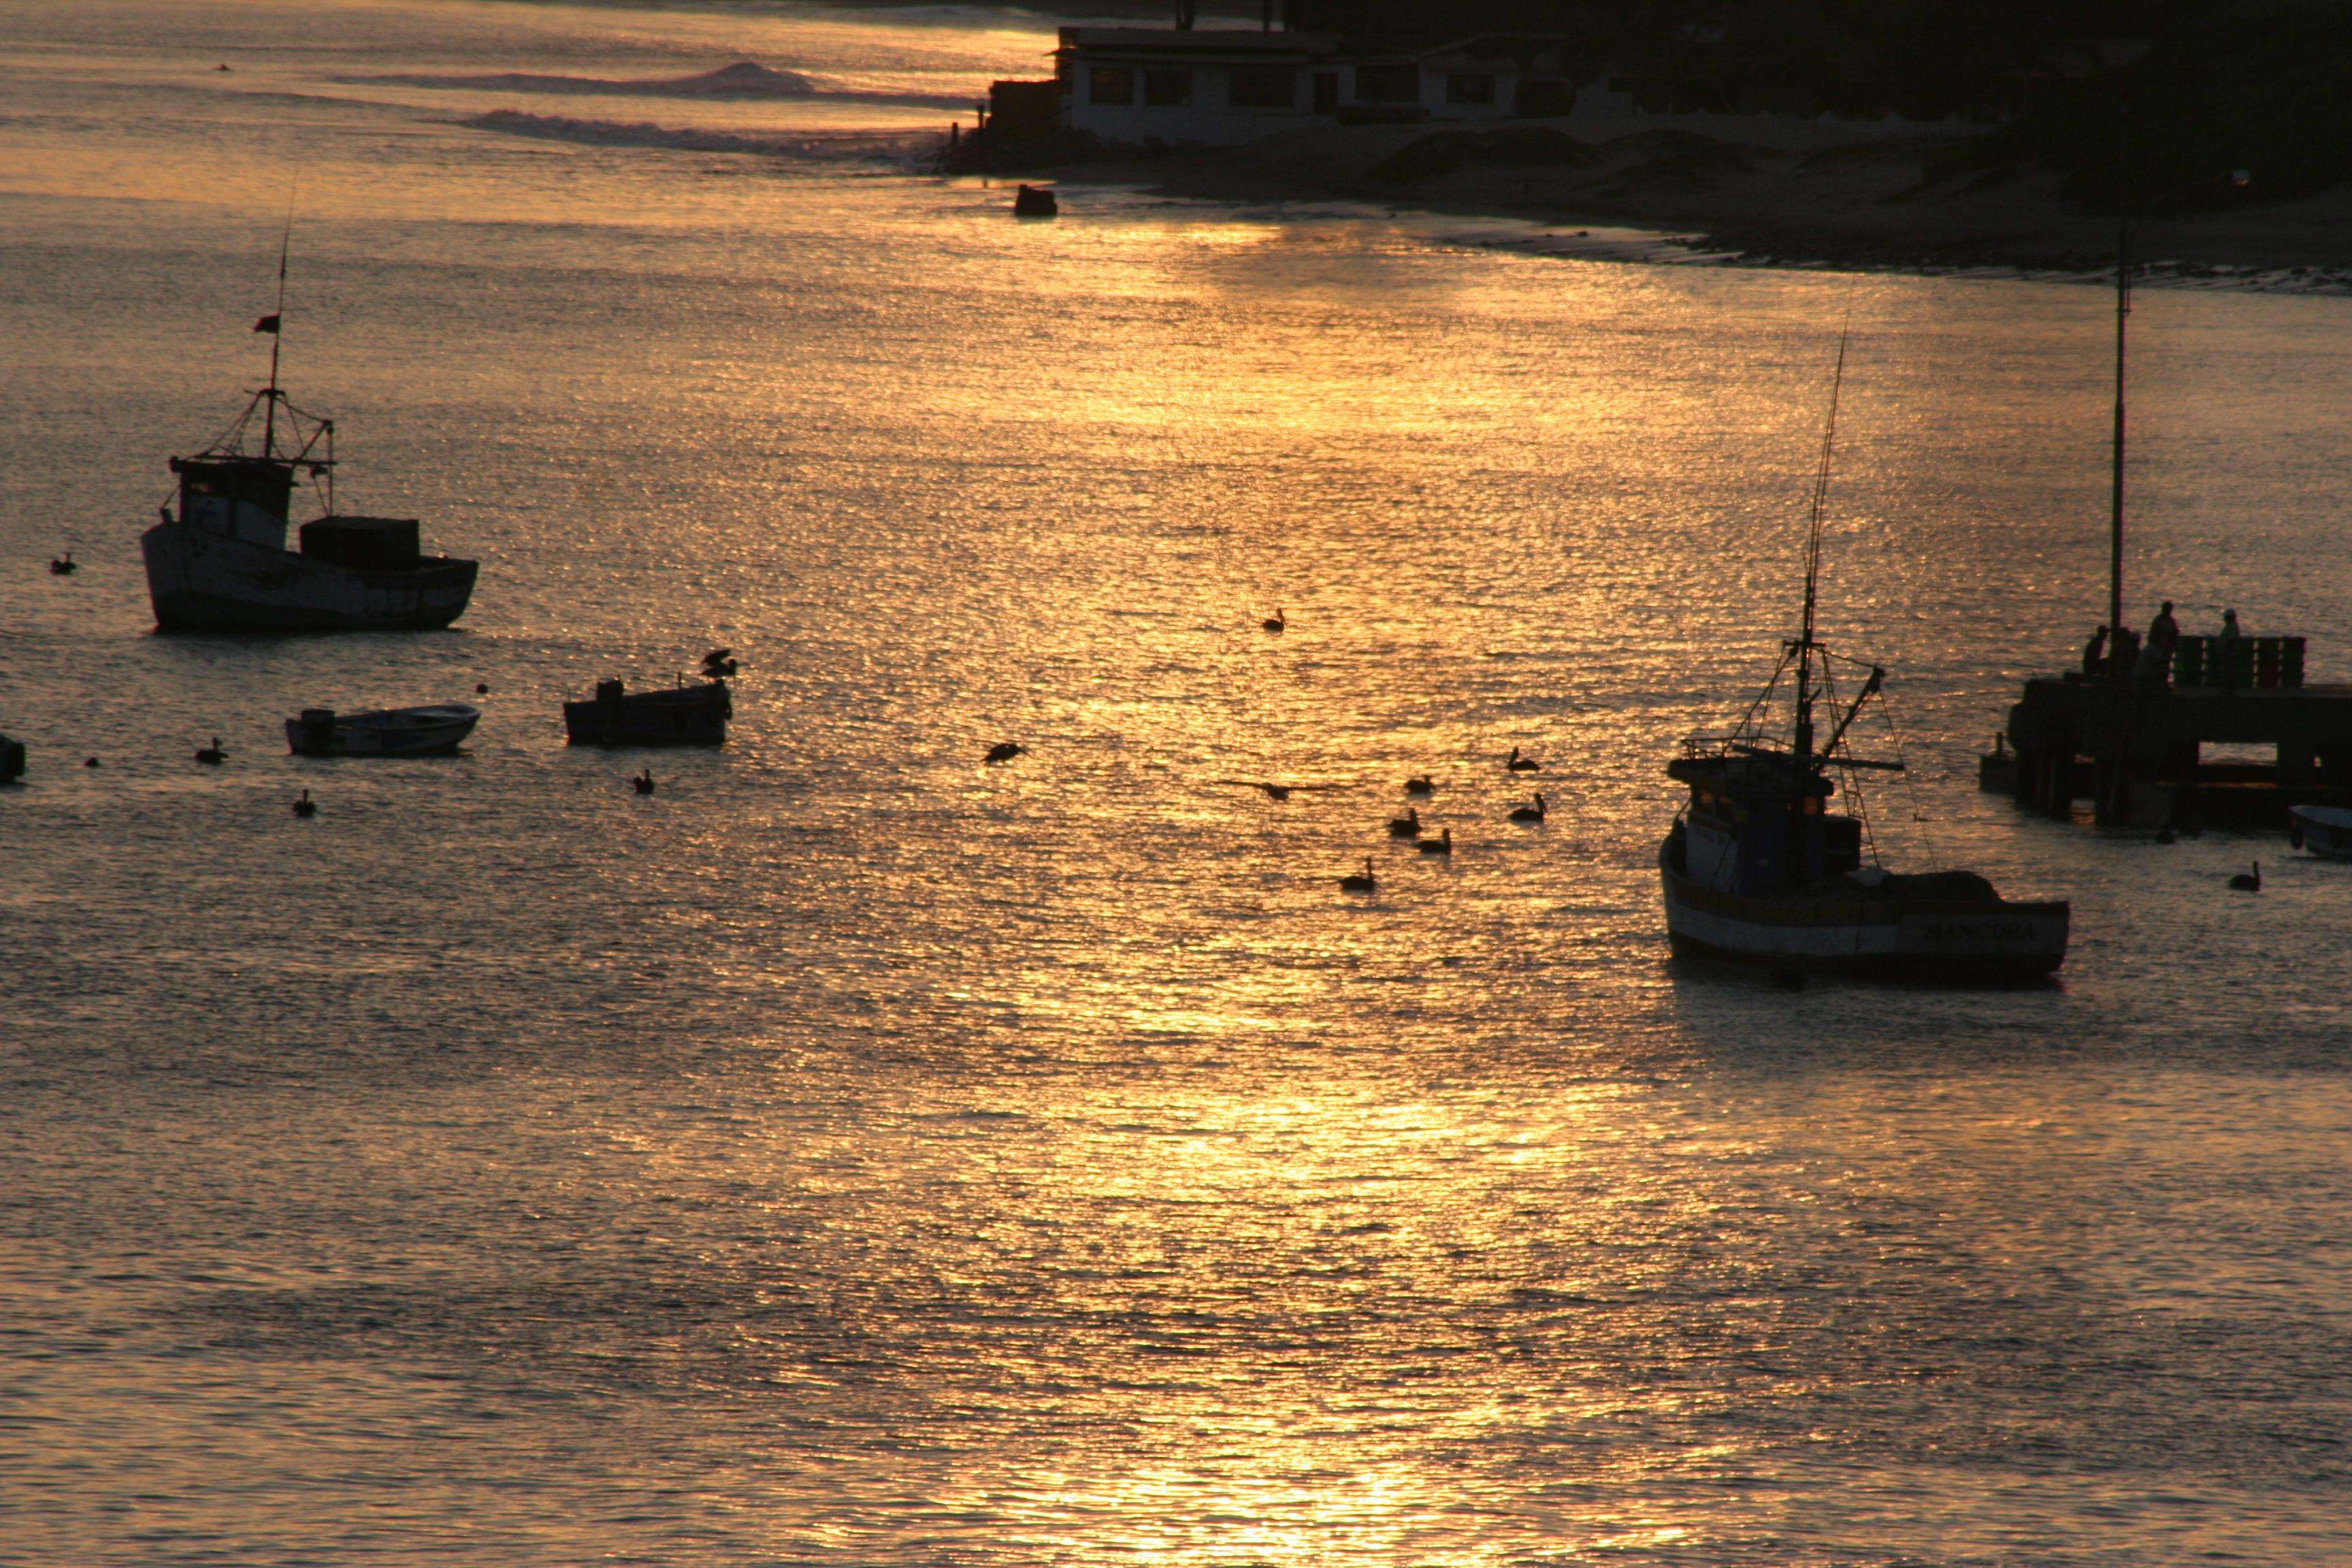 vista en el amanecer de los barcos